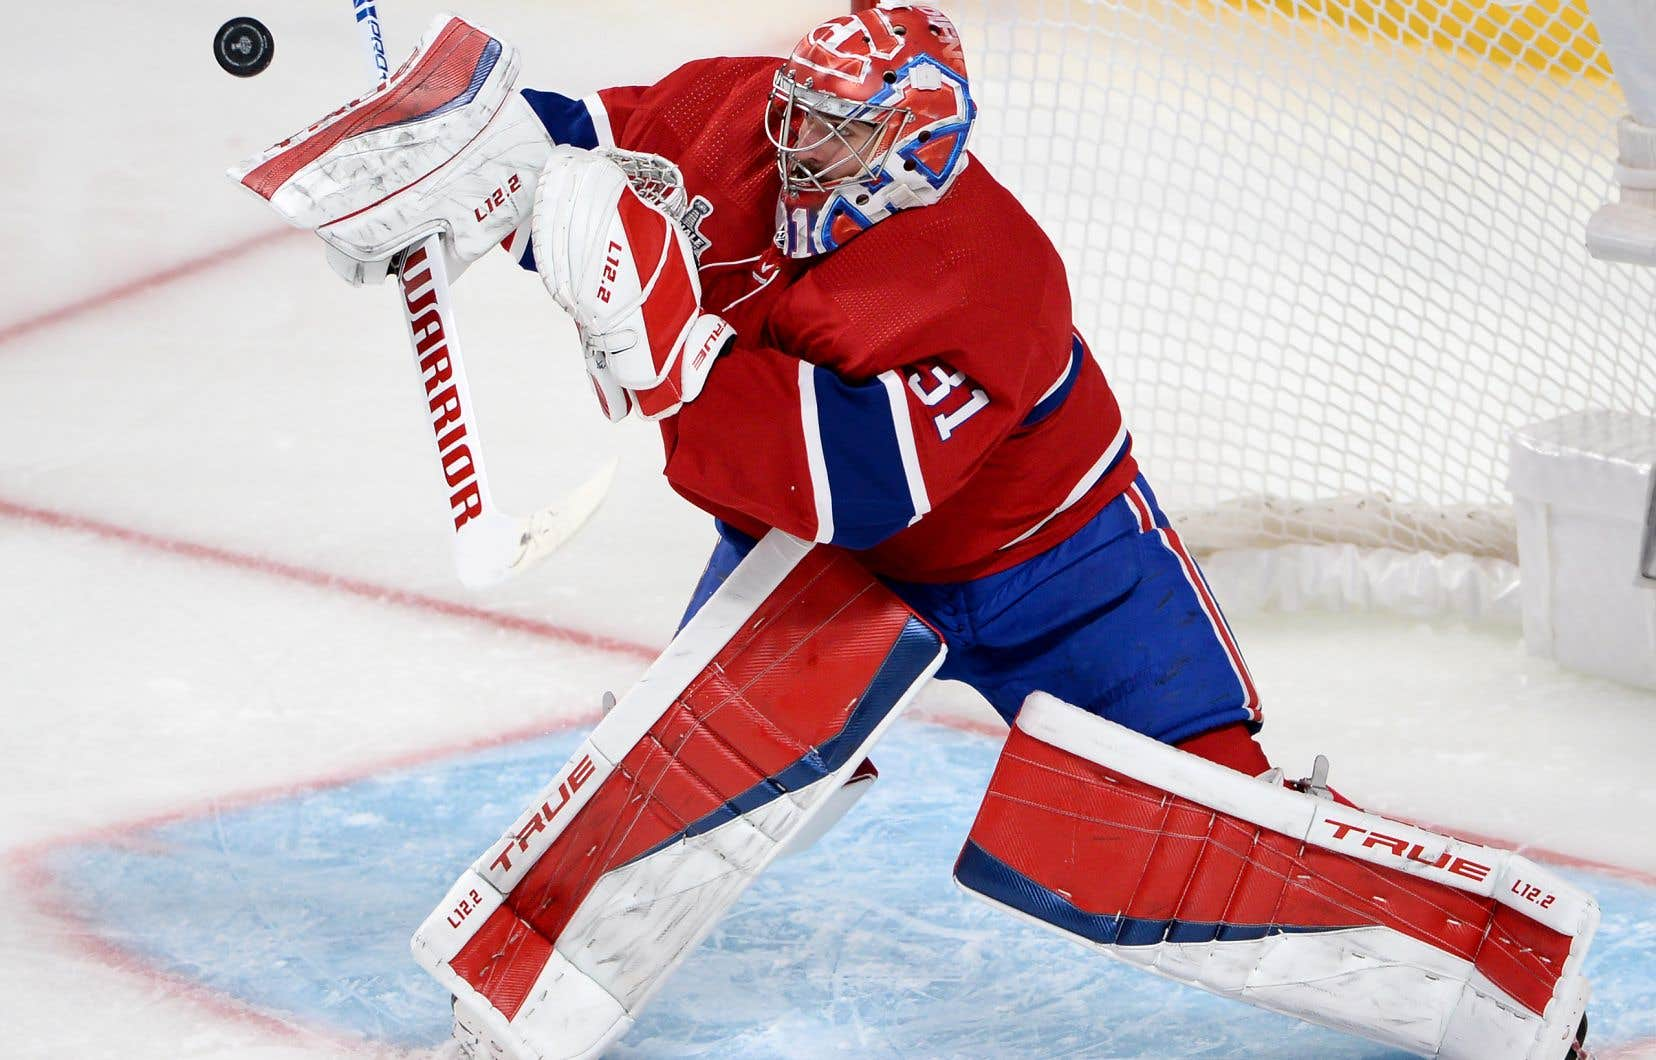 Plusieurs journalistes de hockey ont soulevé samedi soir que Carey Price avait accepté de lever sa clause de non-mouvement en vue du repêchage d'expansion.